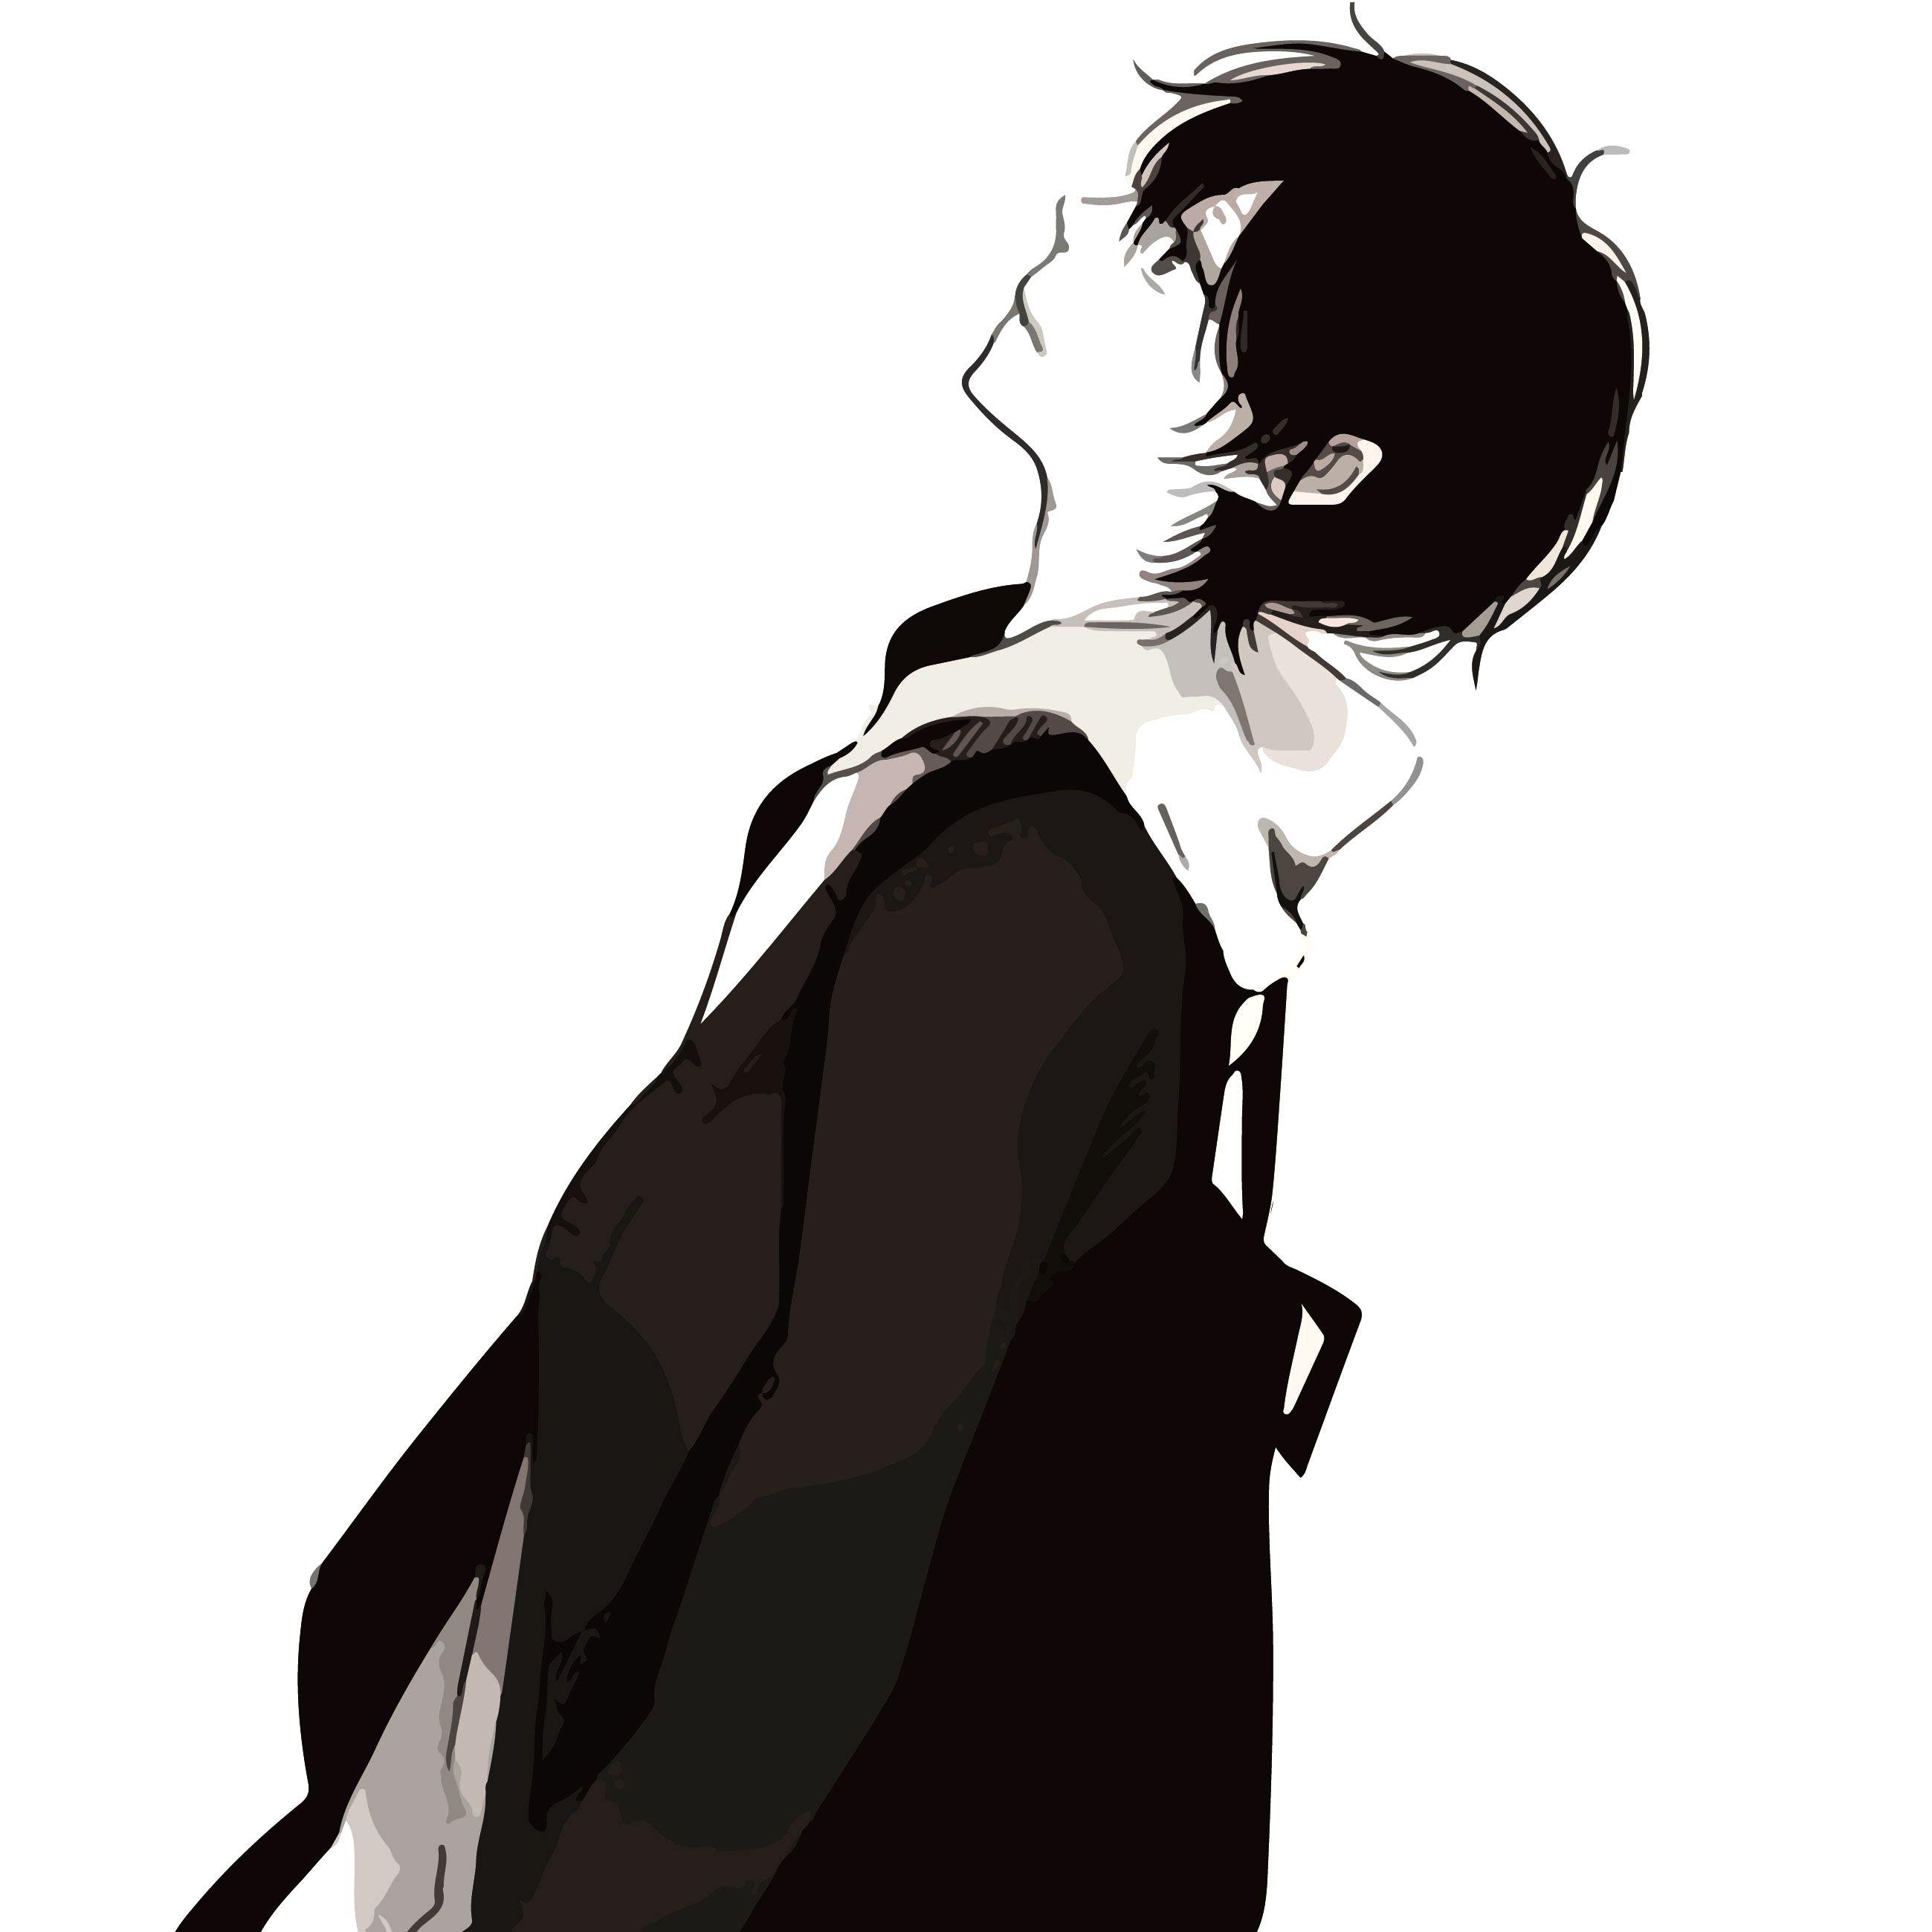 ボード「anime boys」のピン